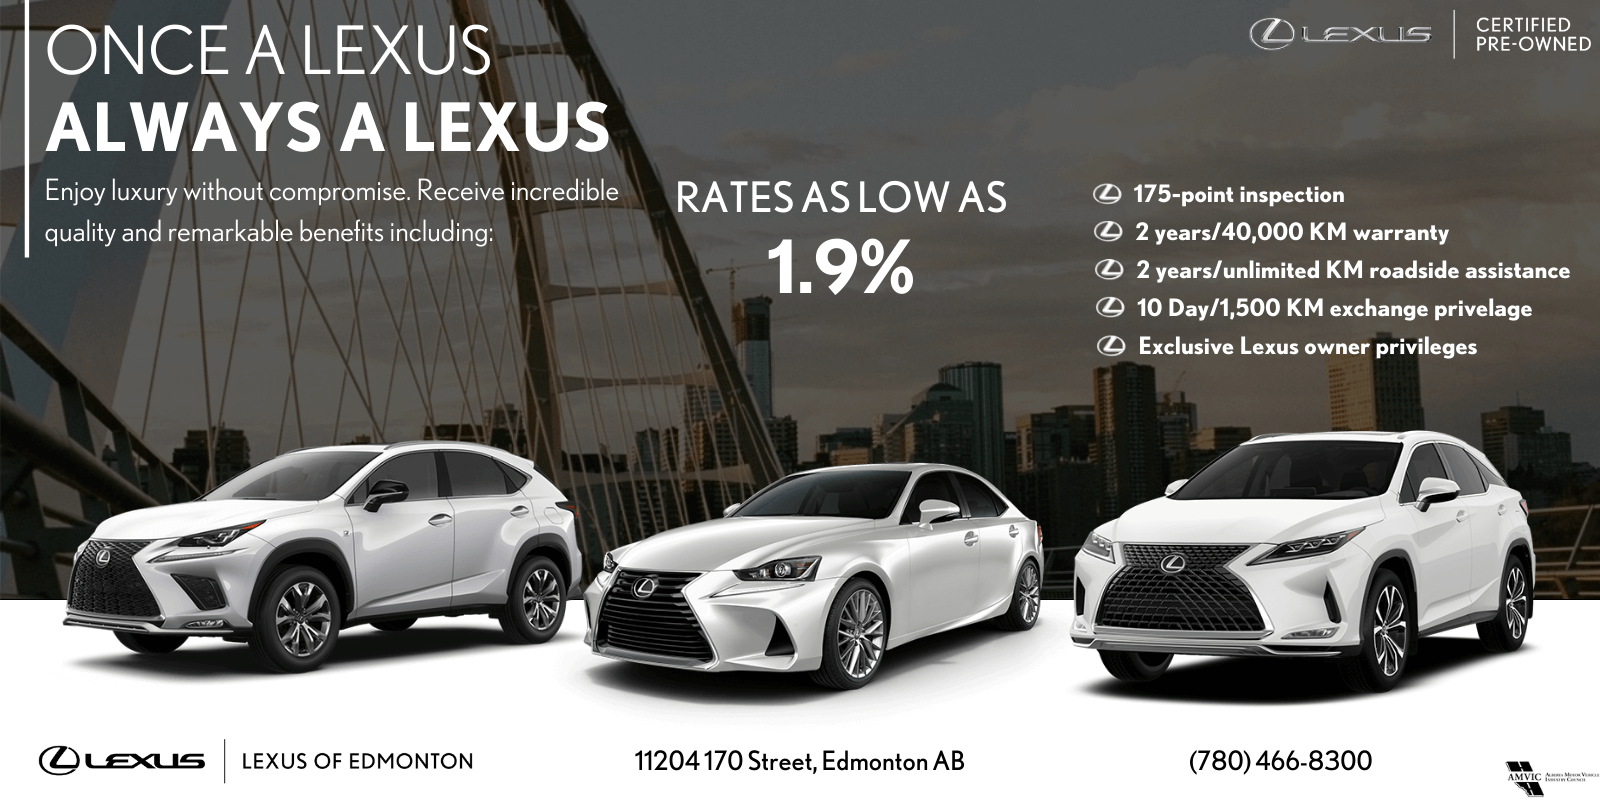 Once a Lexus, Always a Lexus